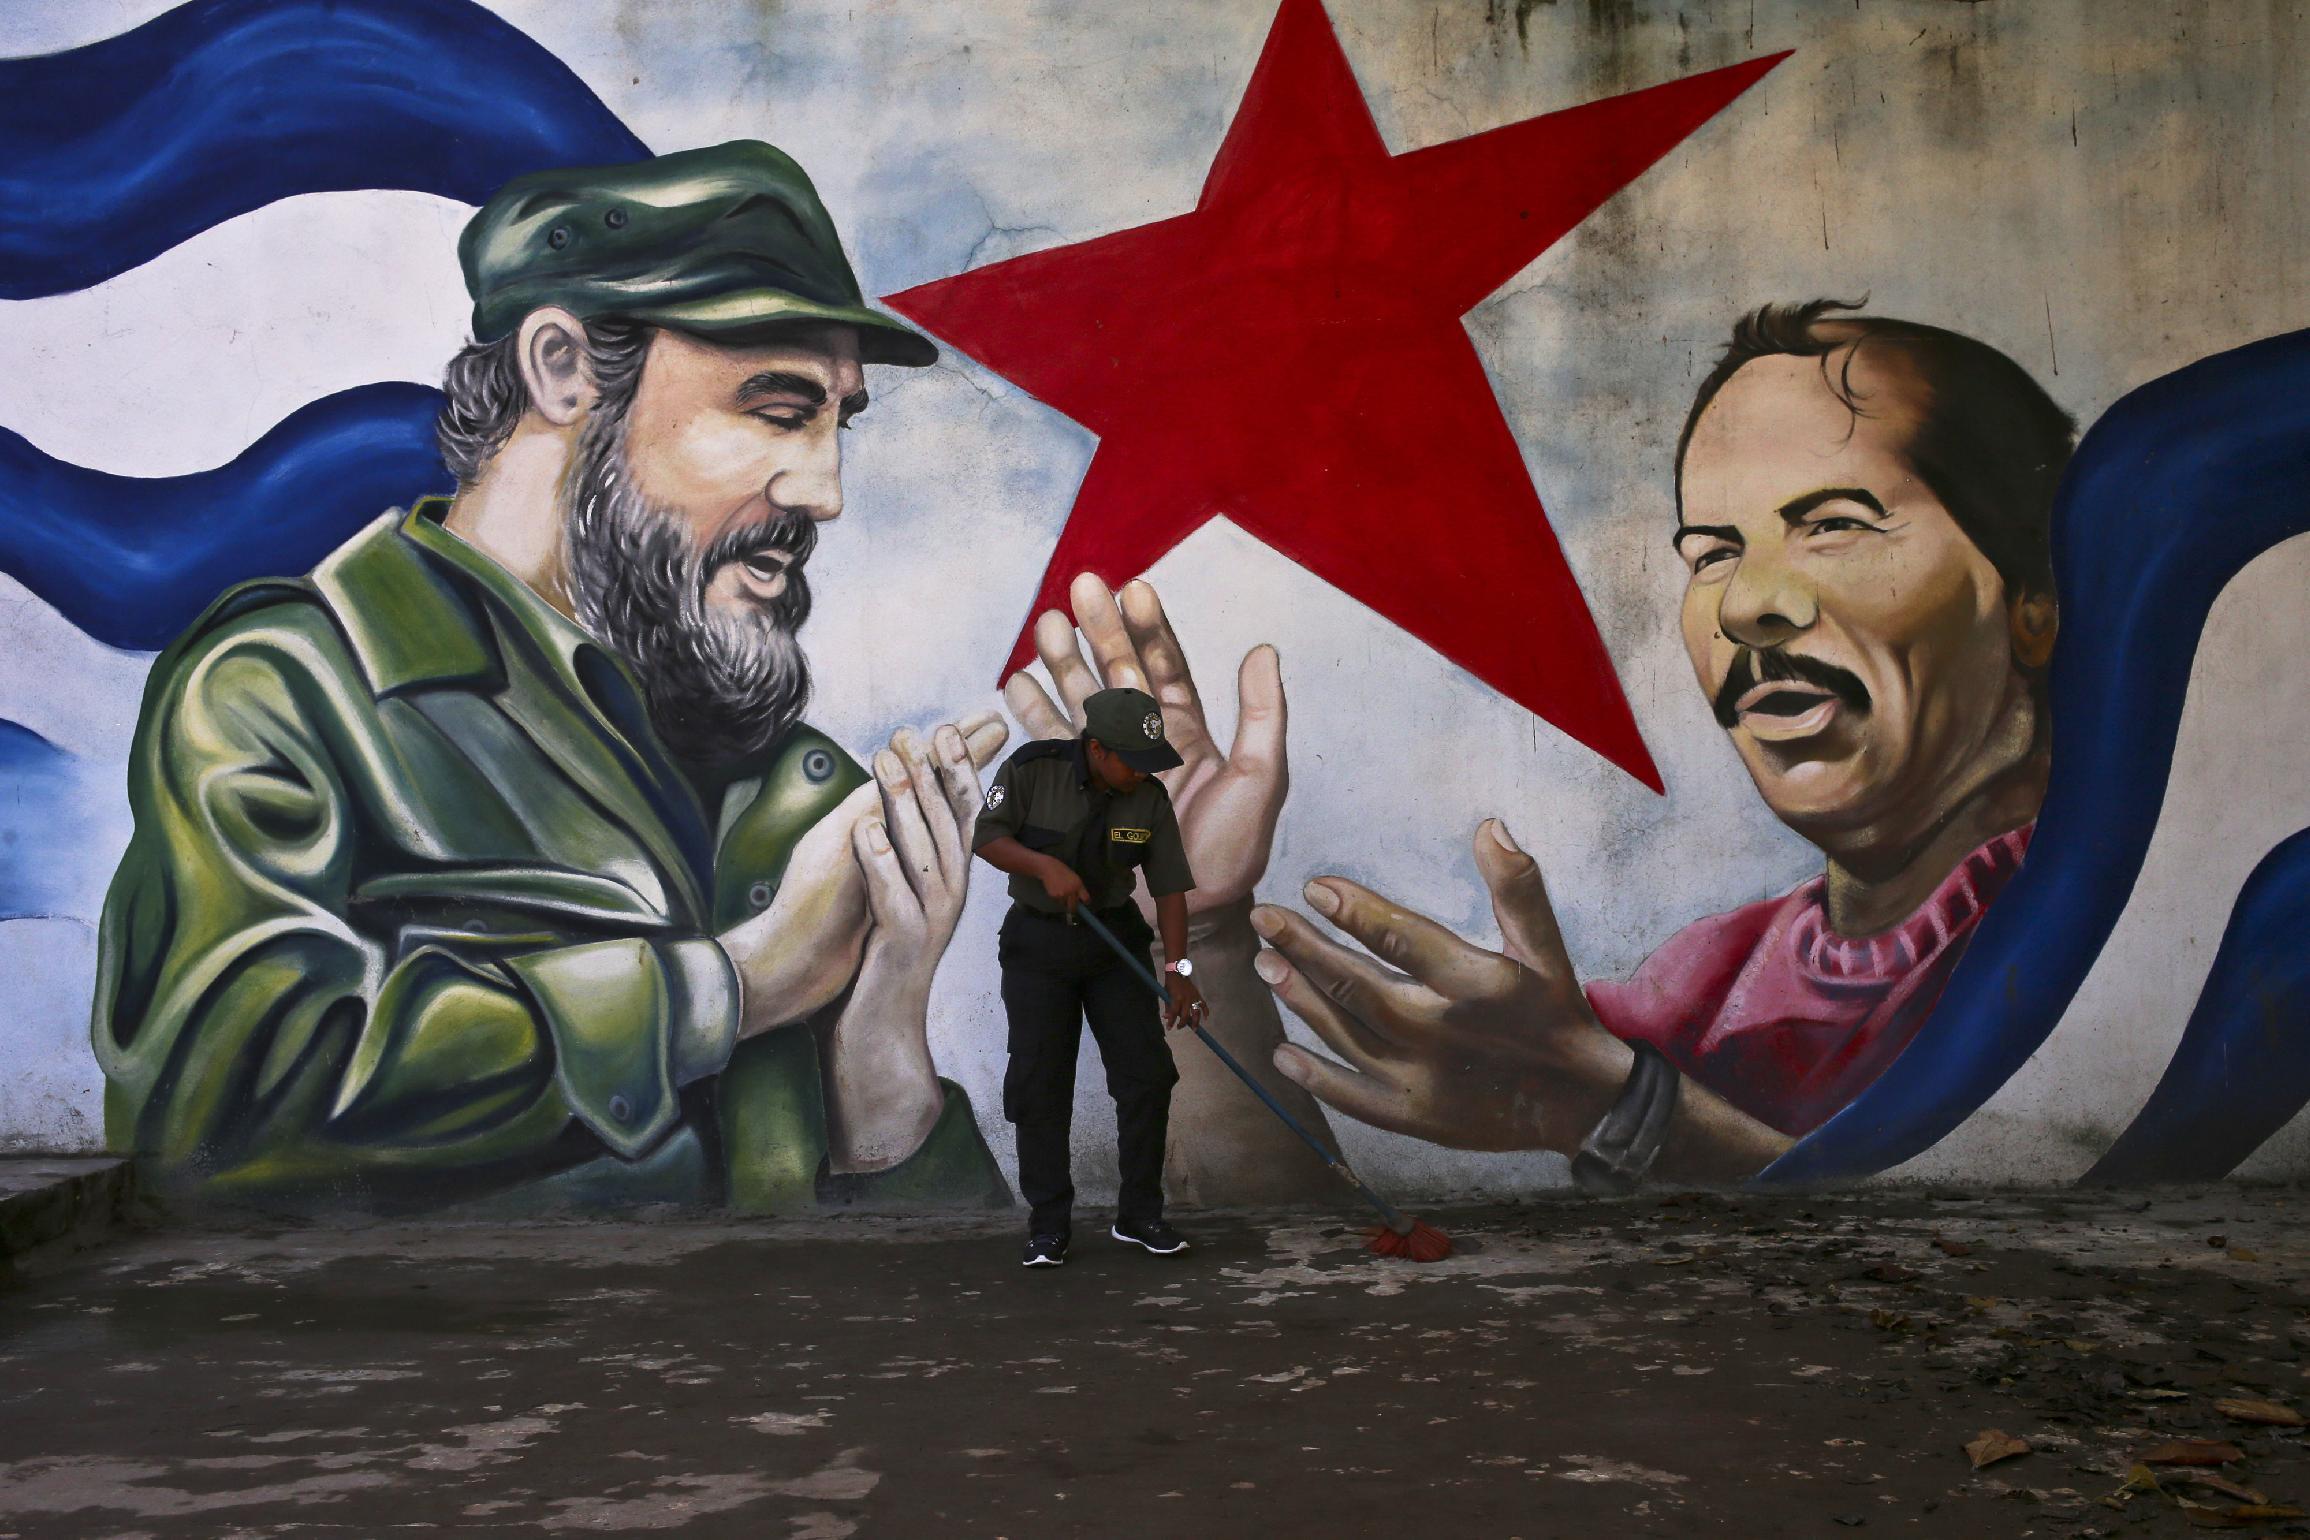 Фидель Кастро и Даниэль Ортега. Манагуа, Никарагуа. 4 ноября 2016 года.